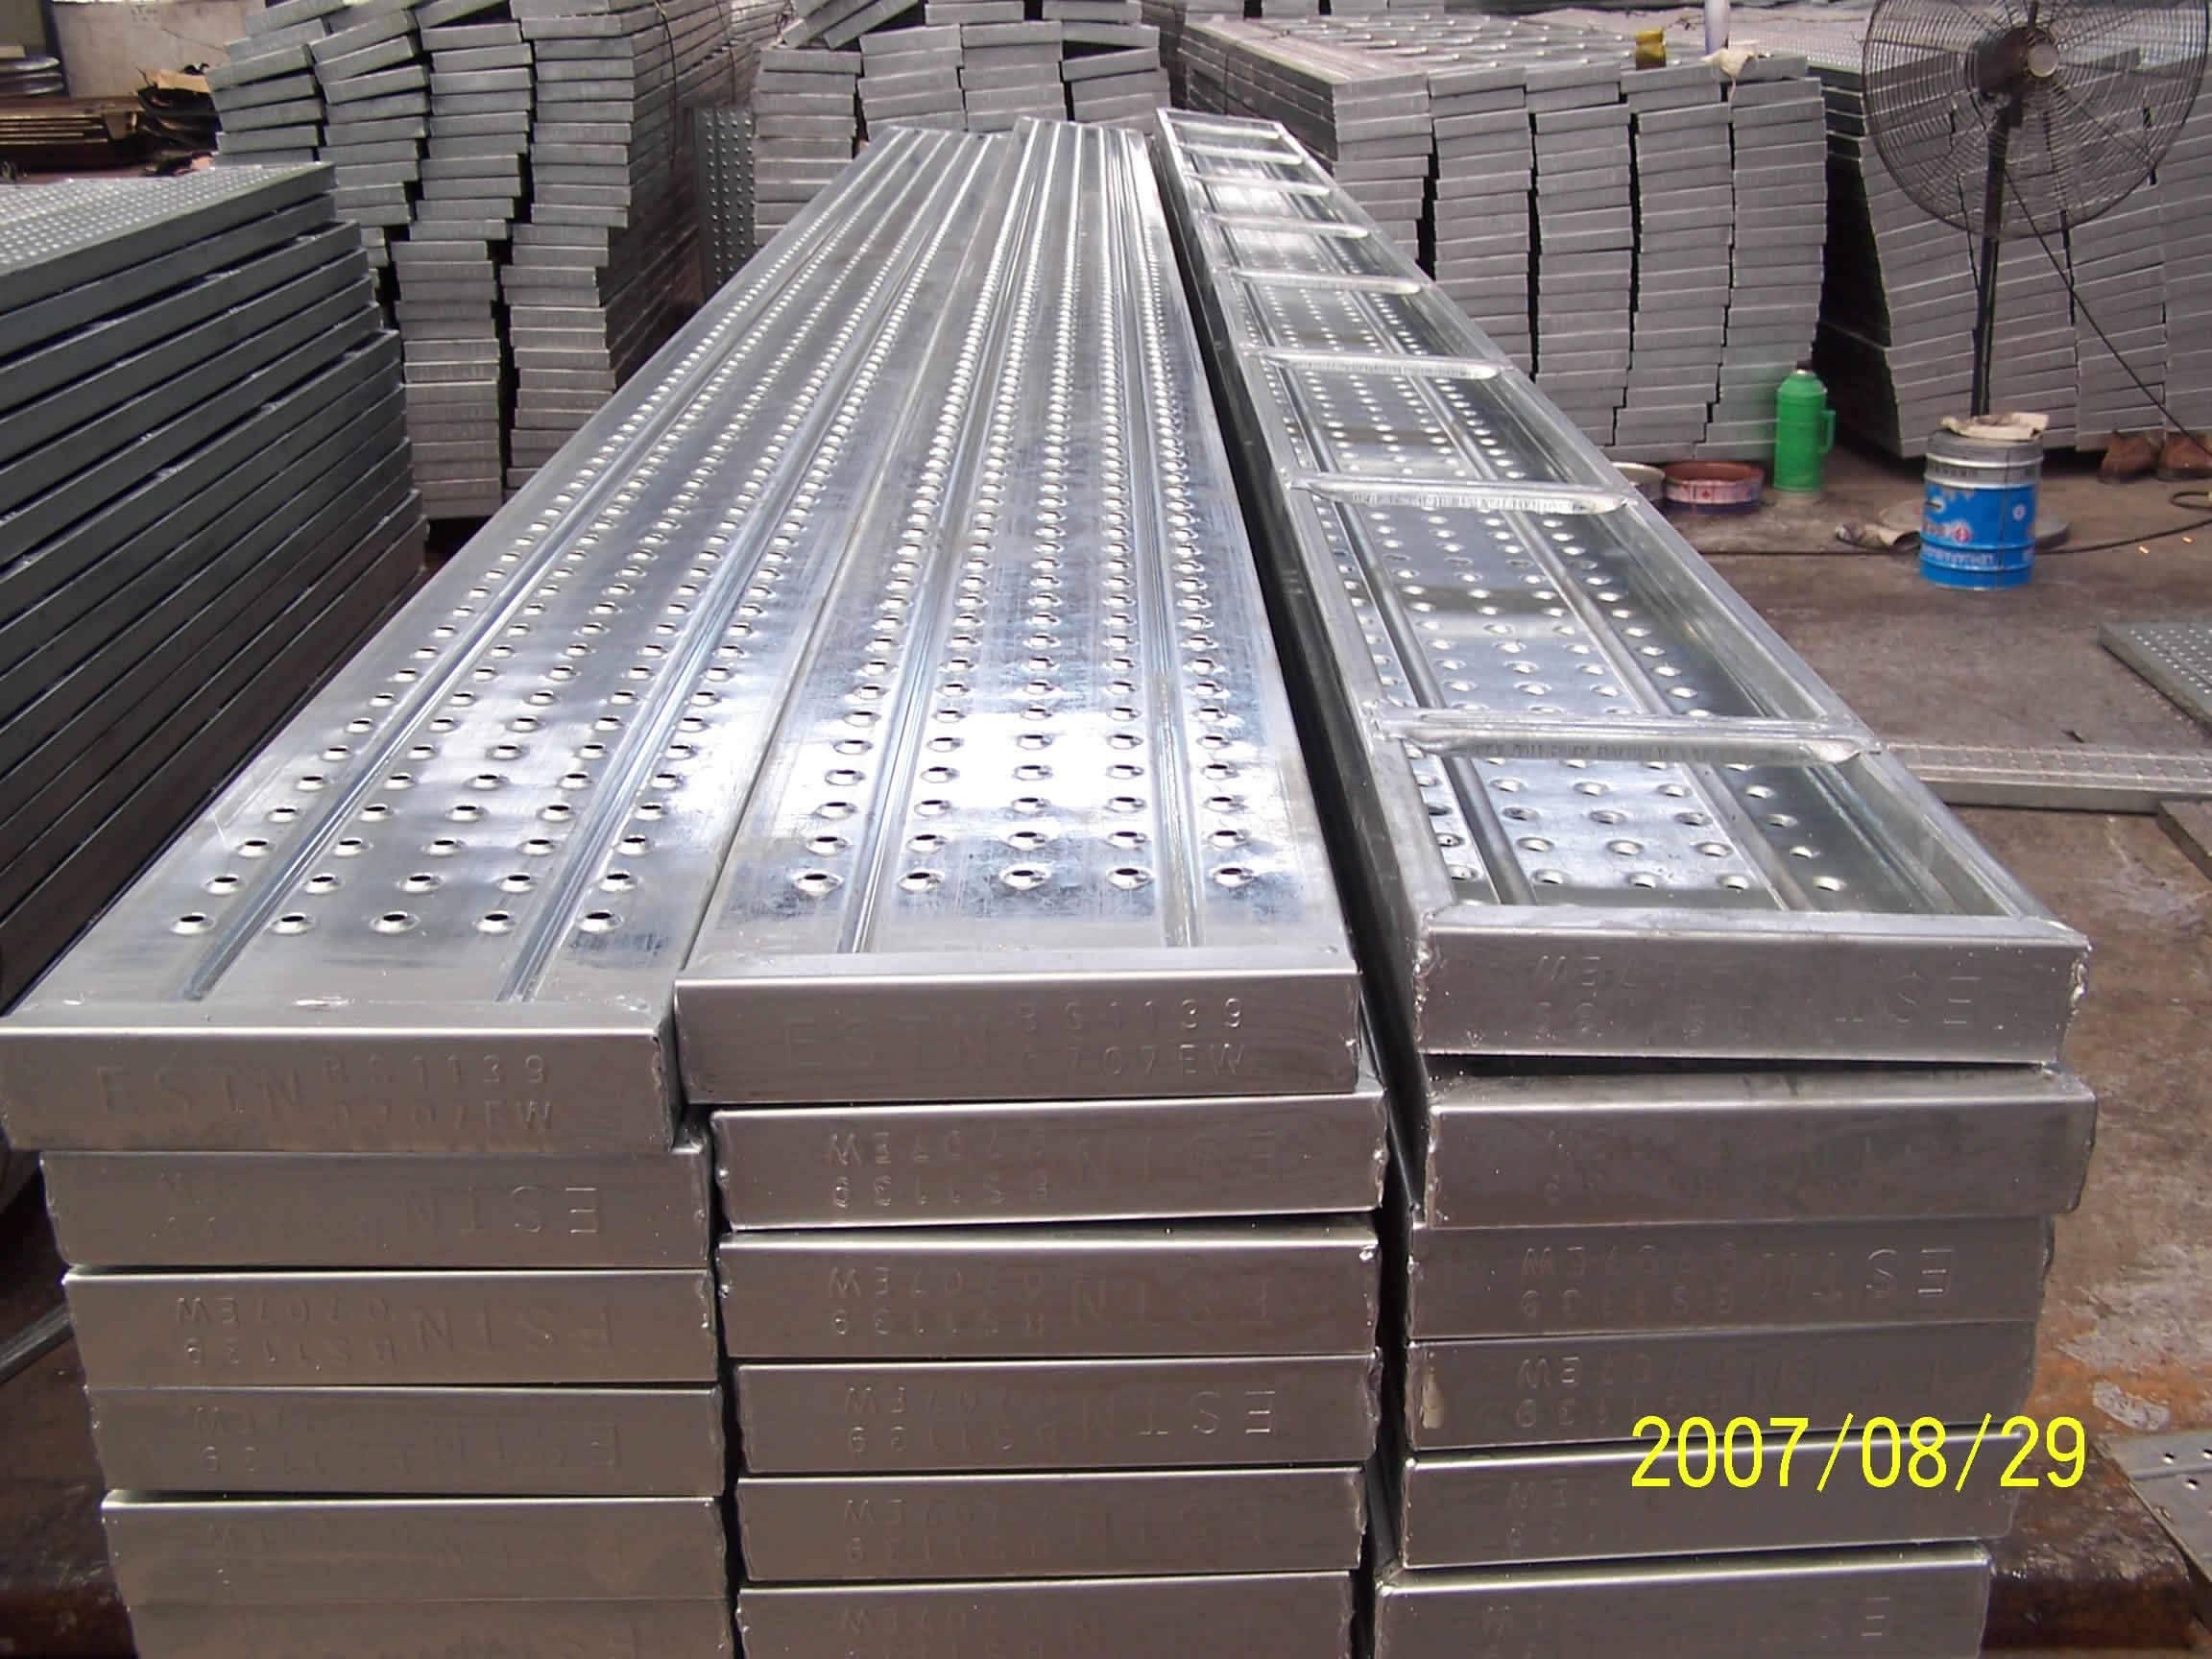 Steel Scaffold Planks : Scaffolding steel plank cenanze tianjin construction